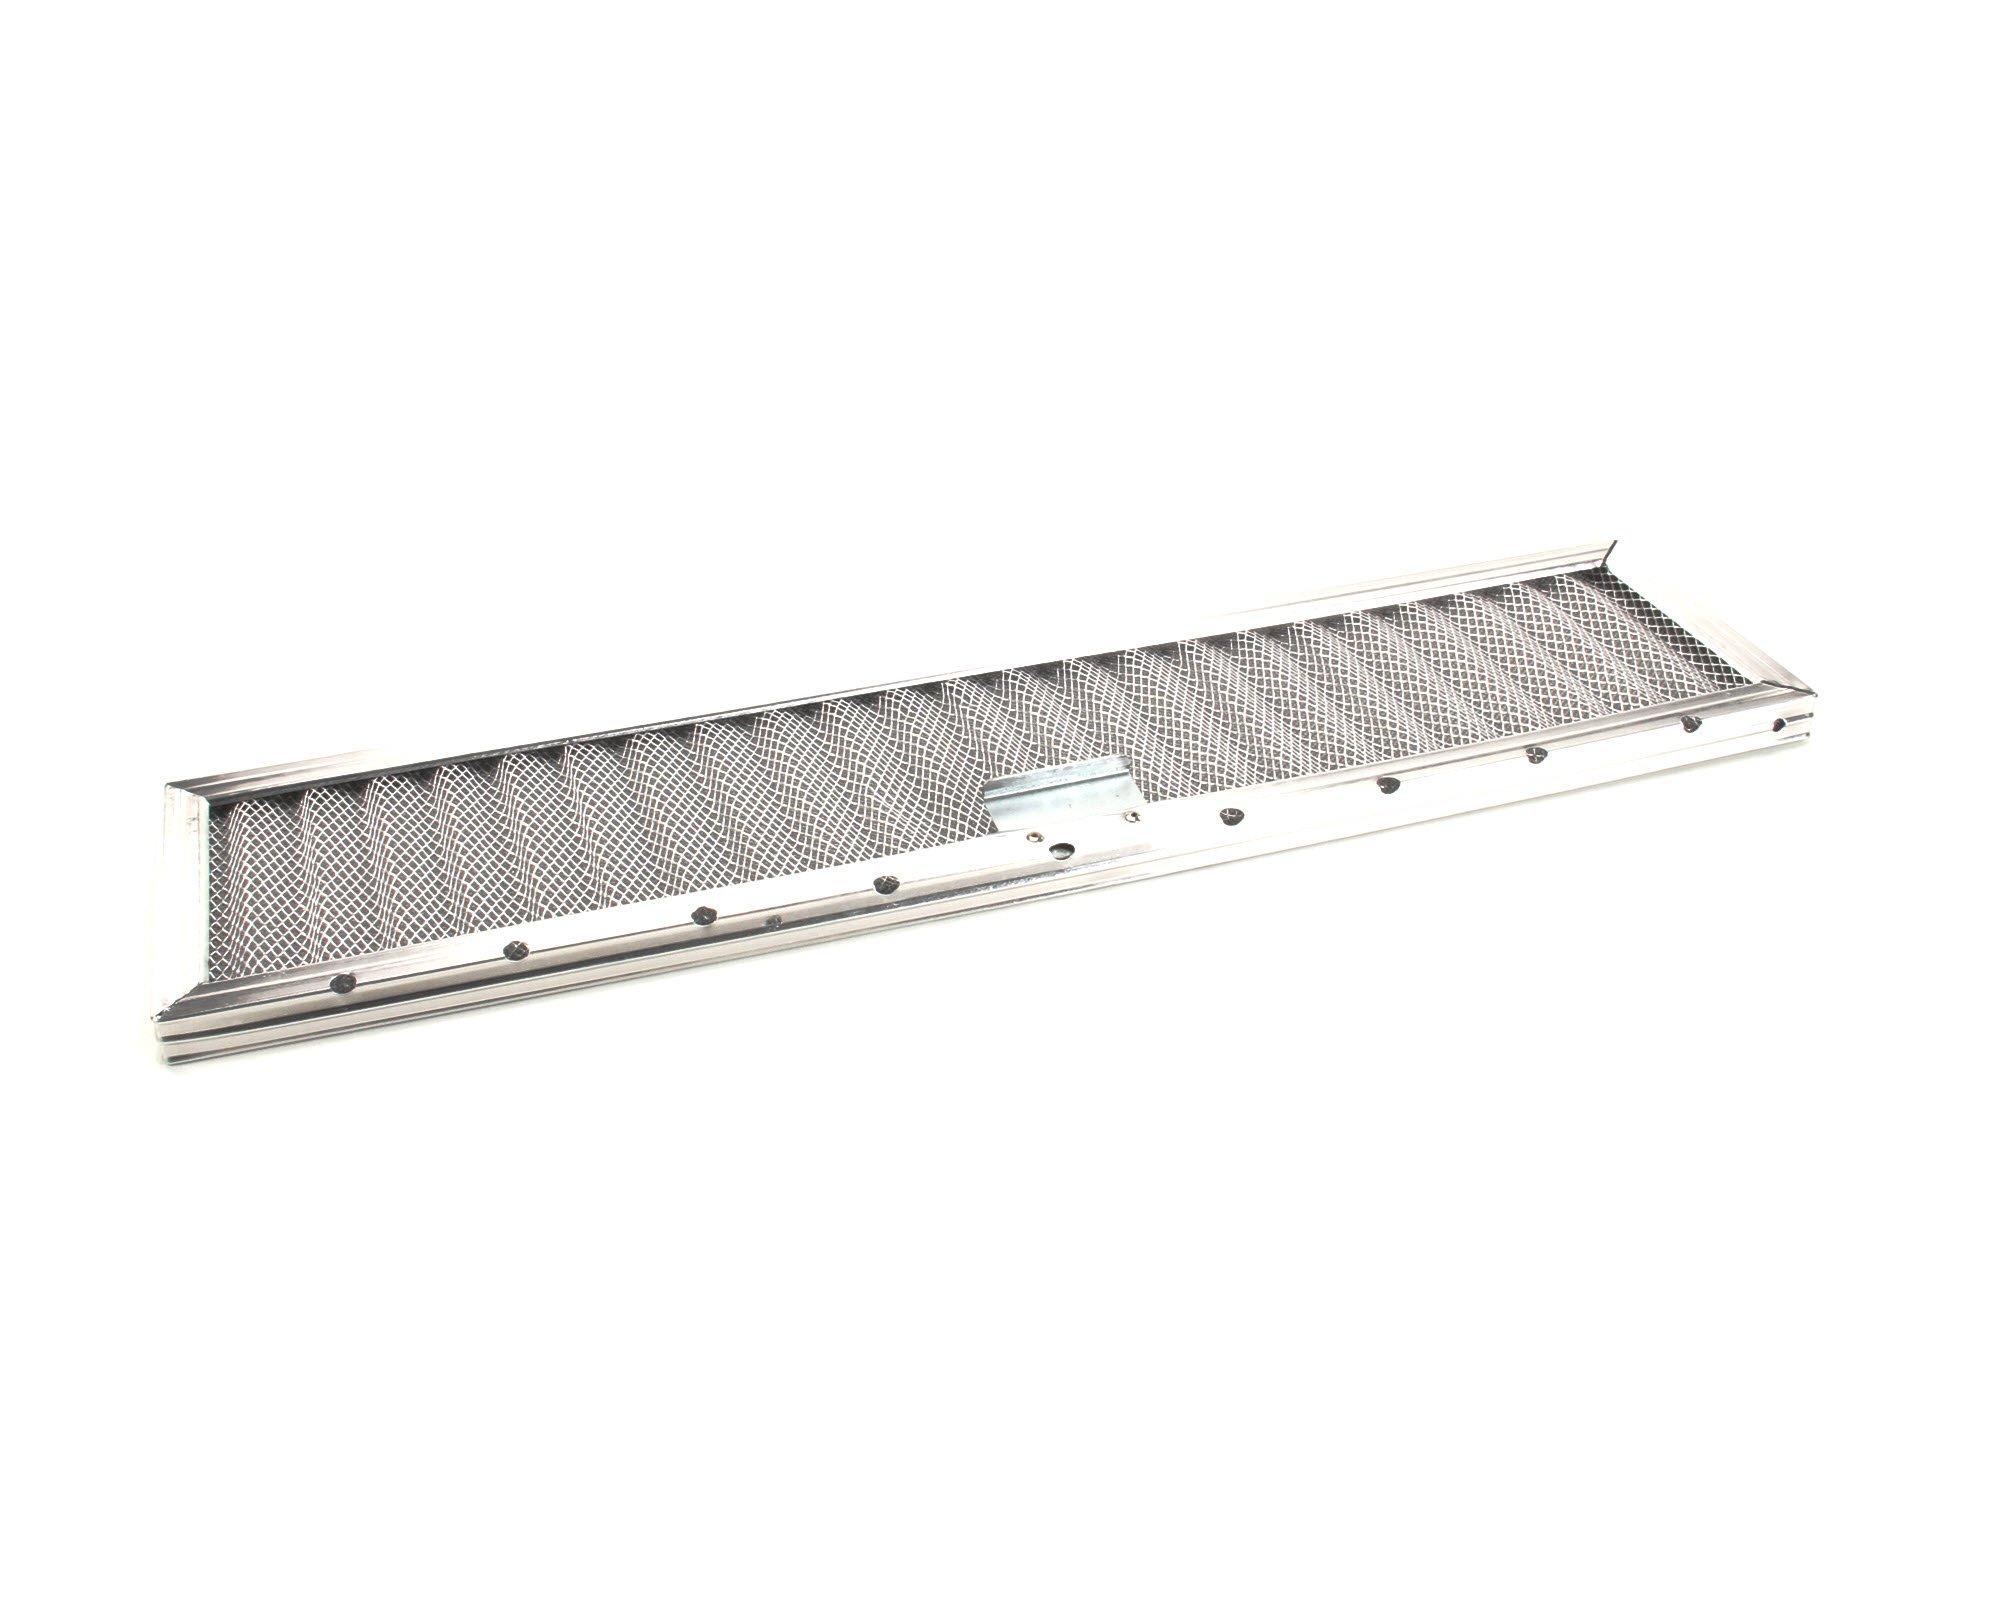 Carter Hoffmann 18602-0183 All Aluminum Grease Filter